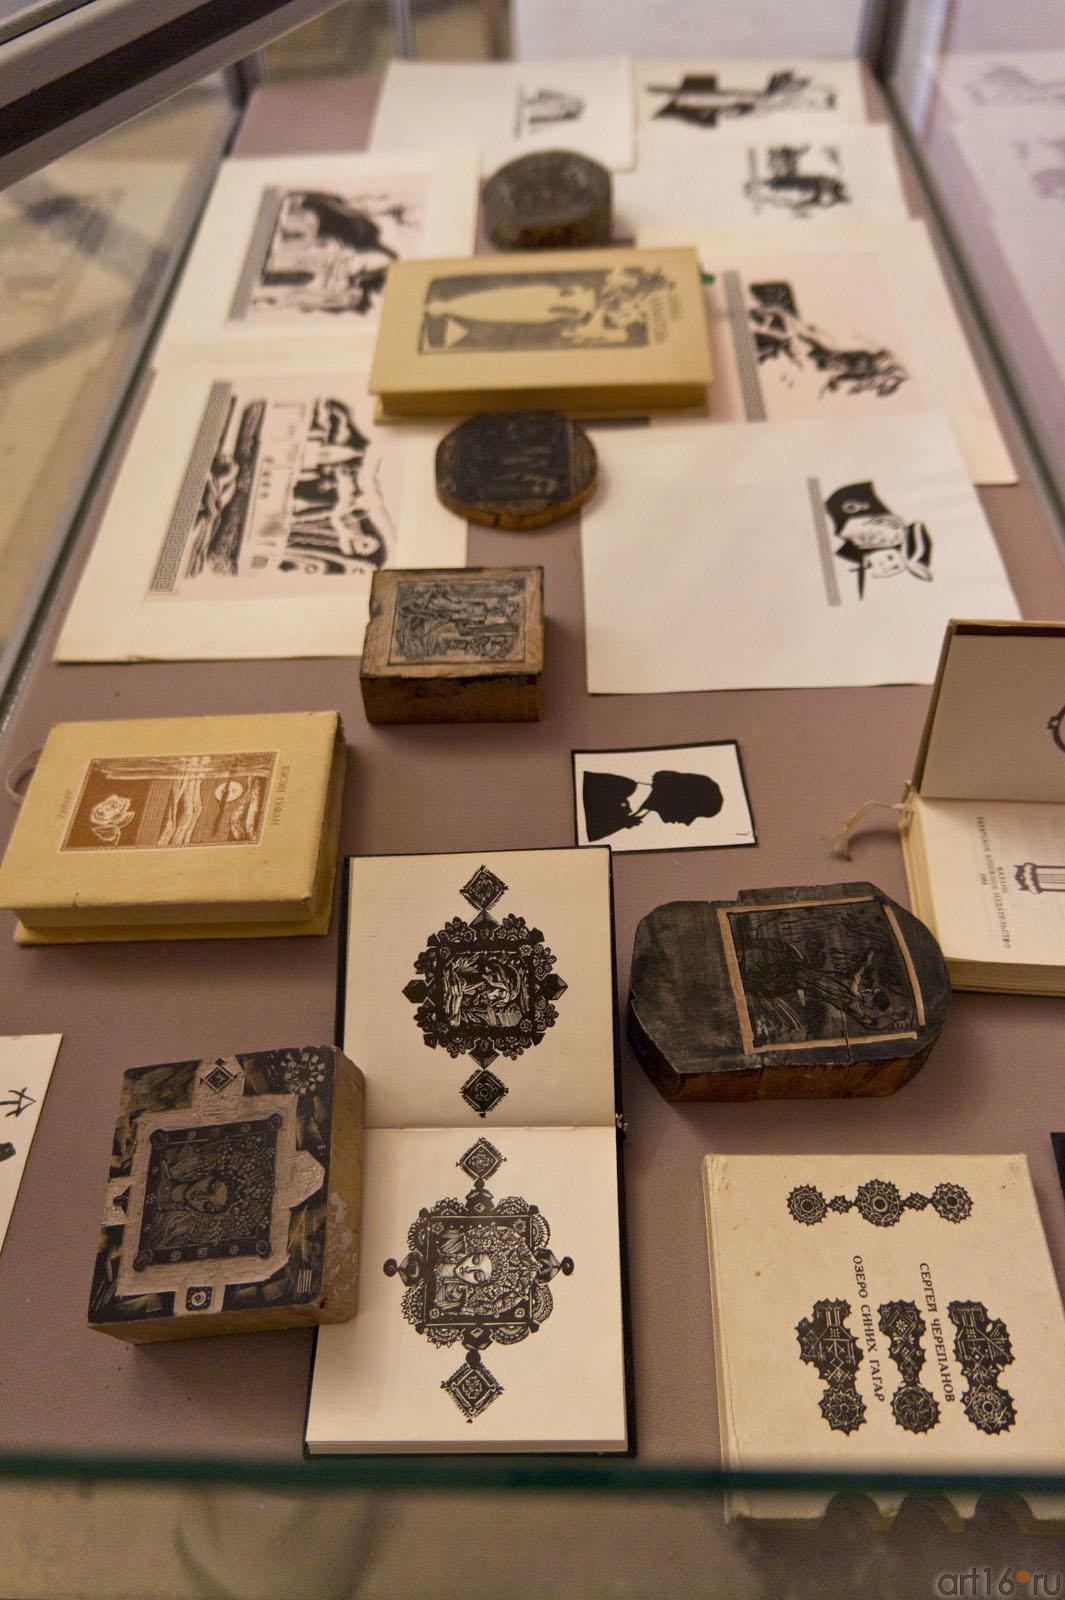 Книги проиллюстрированы Тумановым А.Р.::«Жизнь в искусстве». Александр Рамазанович Туманов